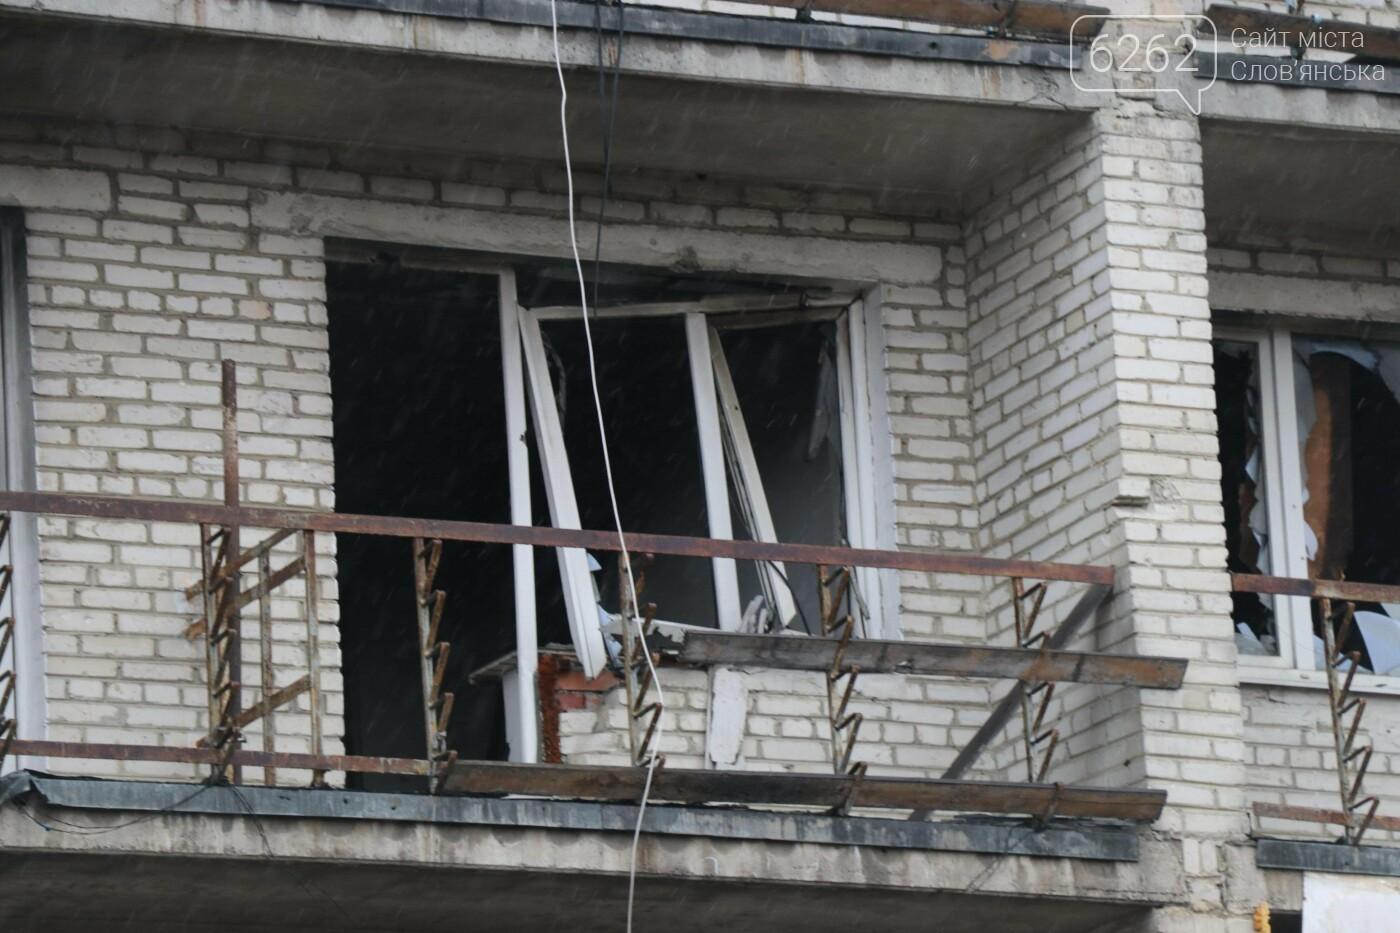 Слов'янці на передовій. Сьомий рік війни на Донбасі - ФОТО, фото-10